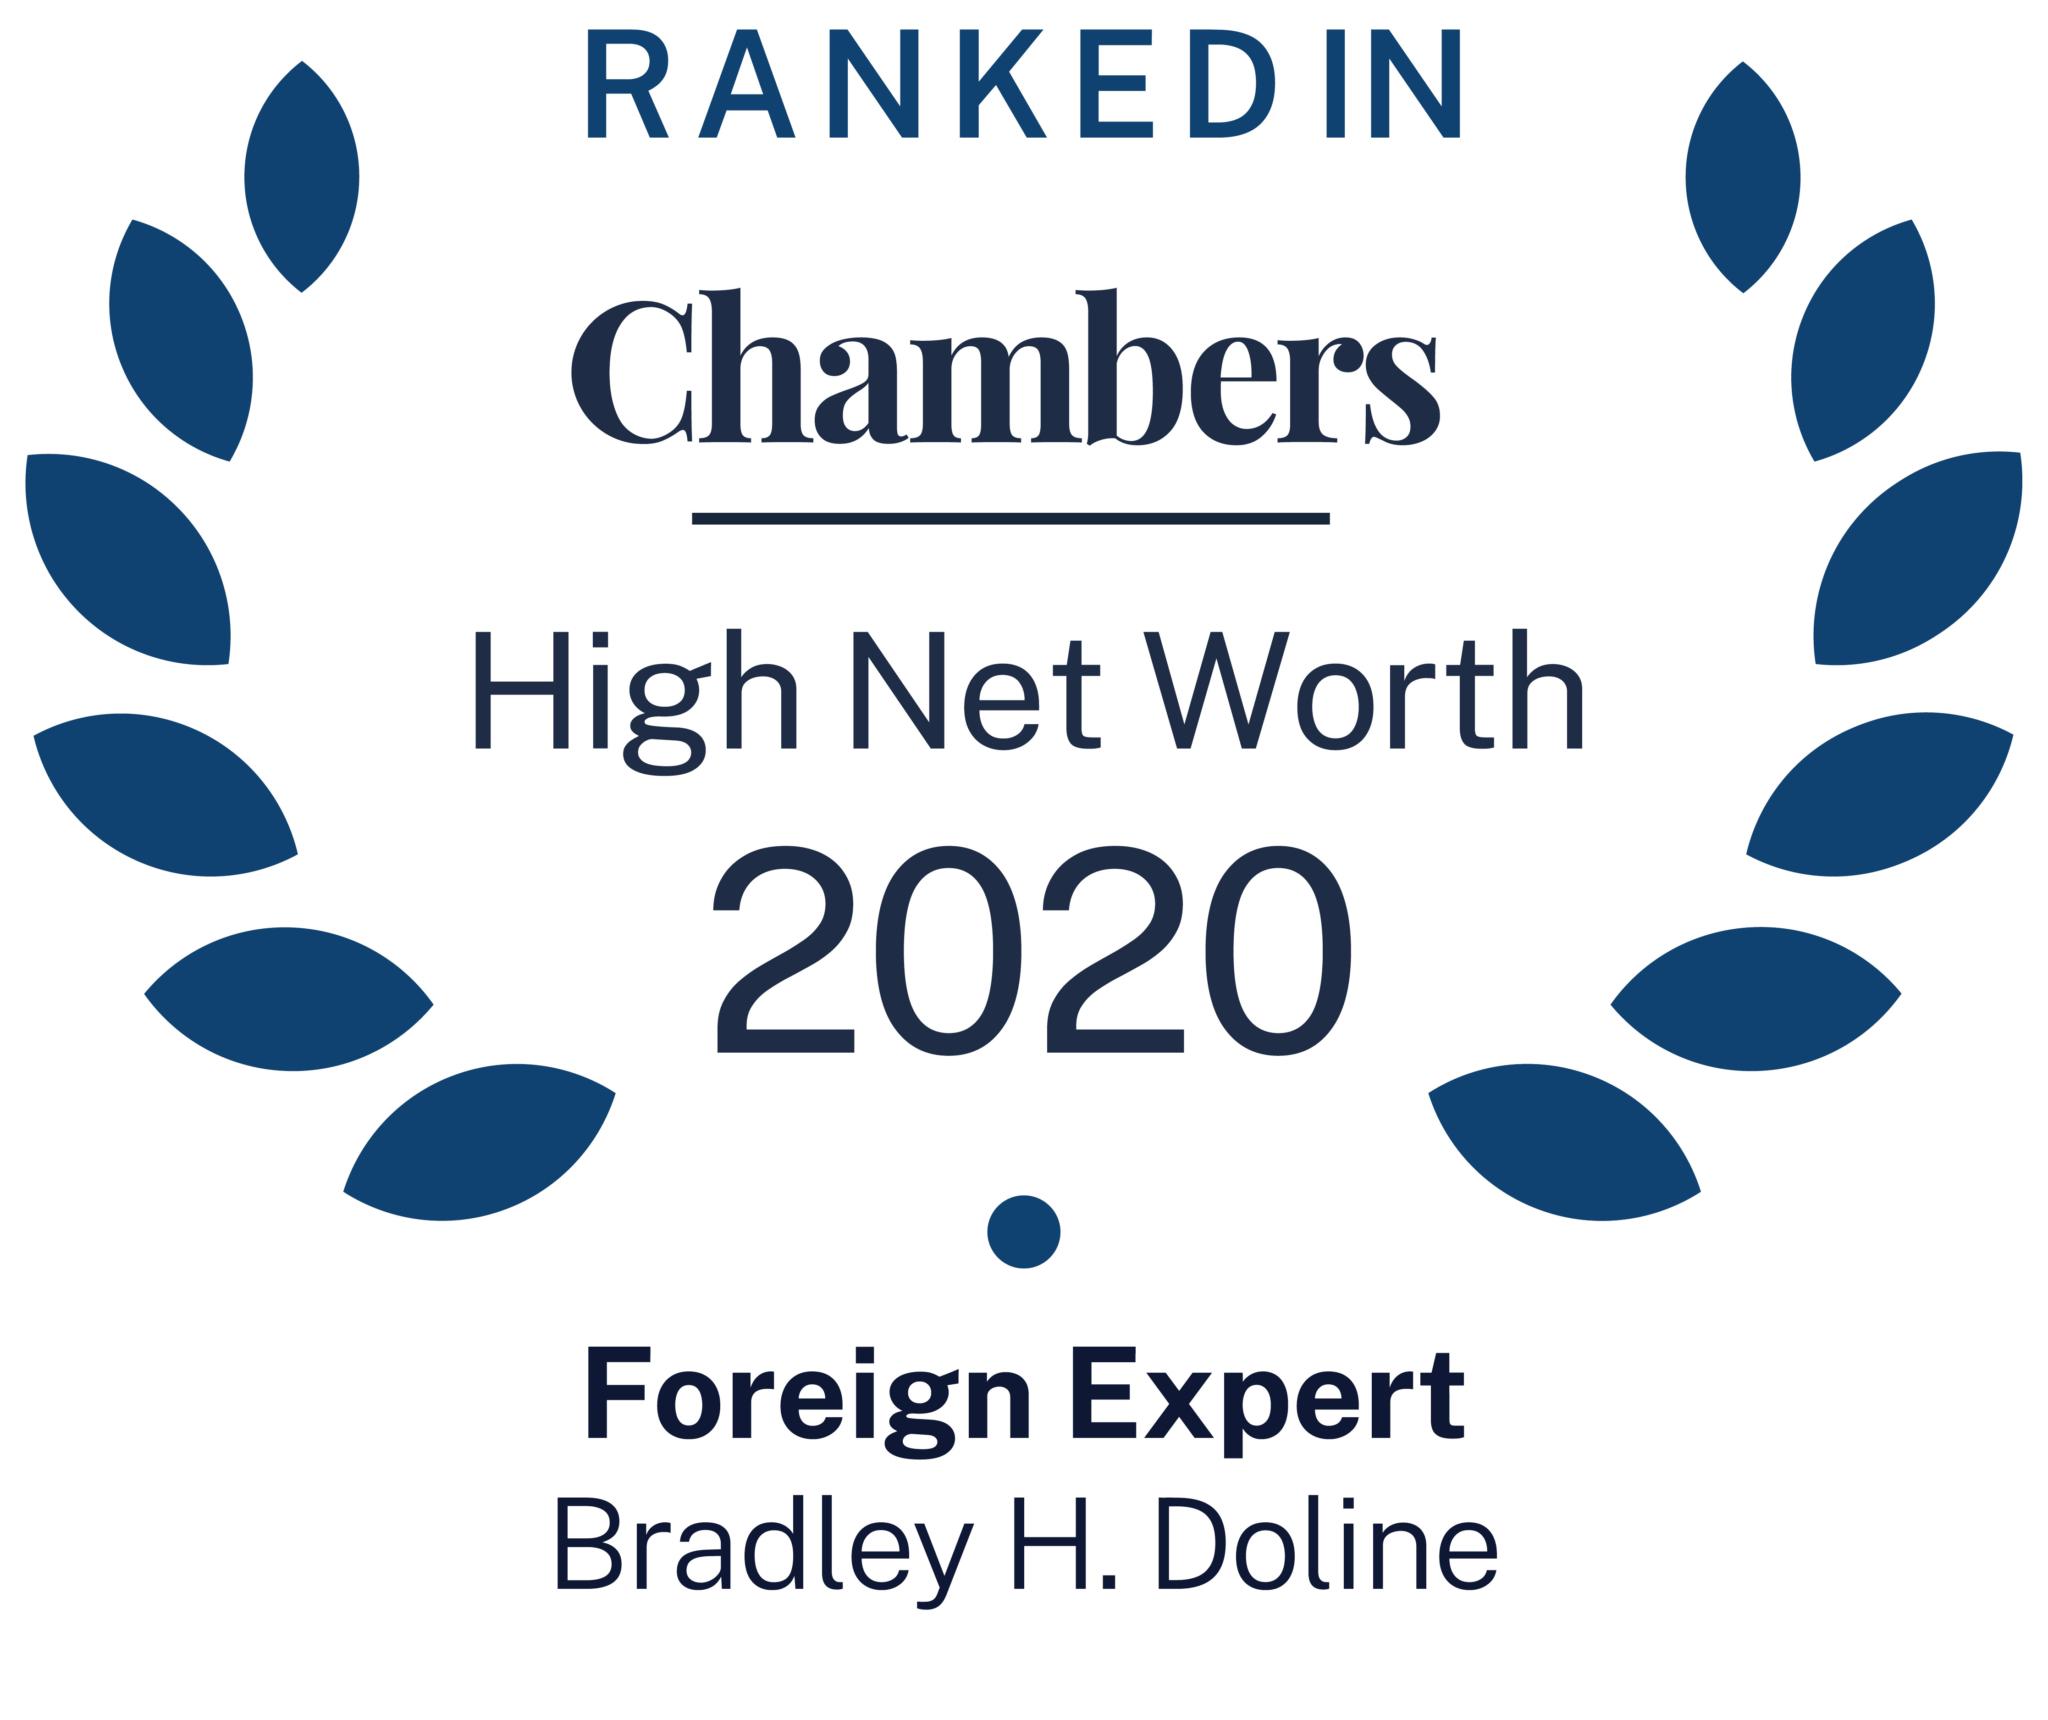 Bradley Doline HNW 2020